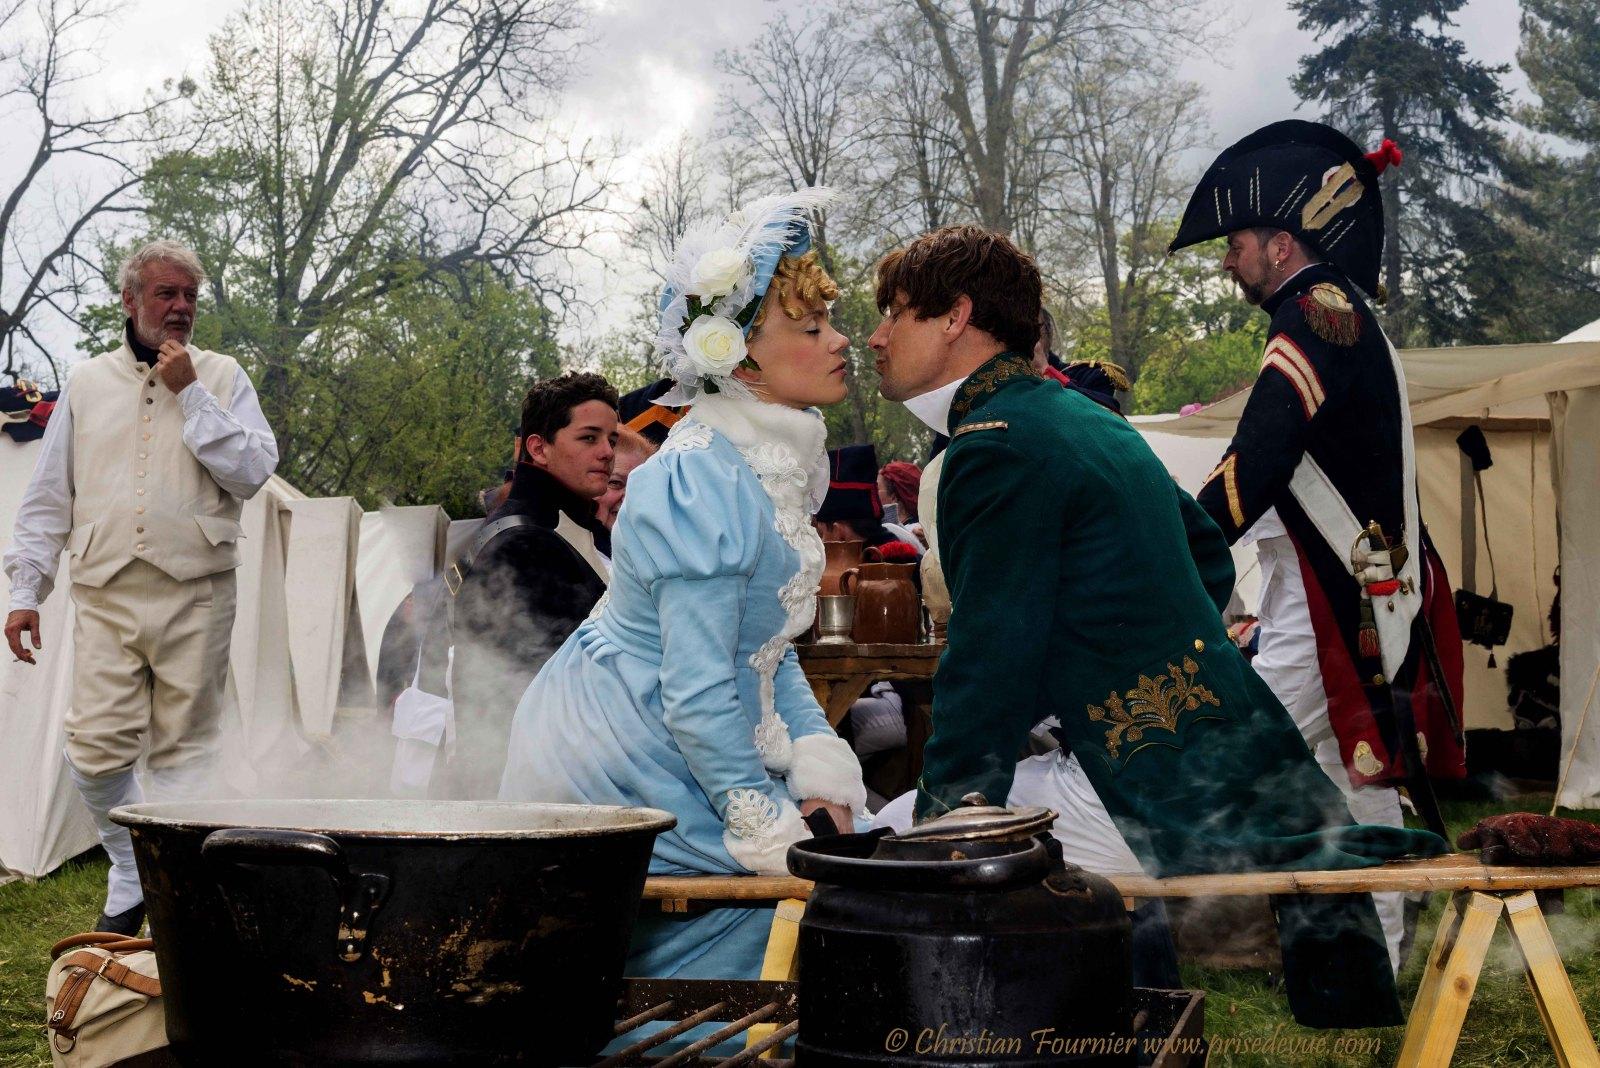 Francia - Fontainebleau (Ile de France) Recreación de la Despedida de Napoléon en 2014 2lmnqjc